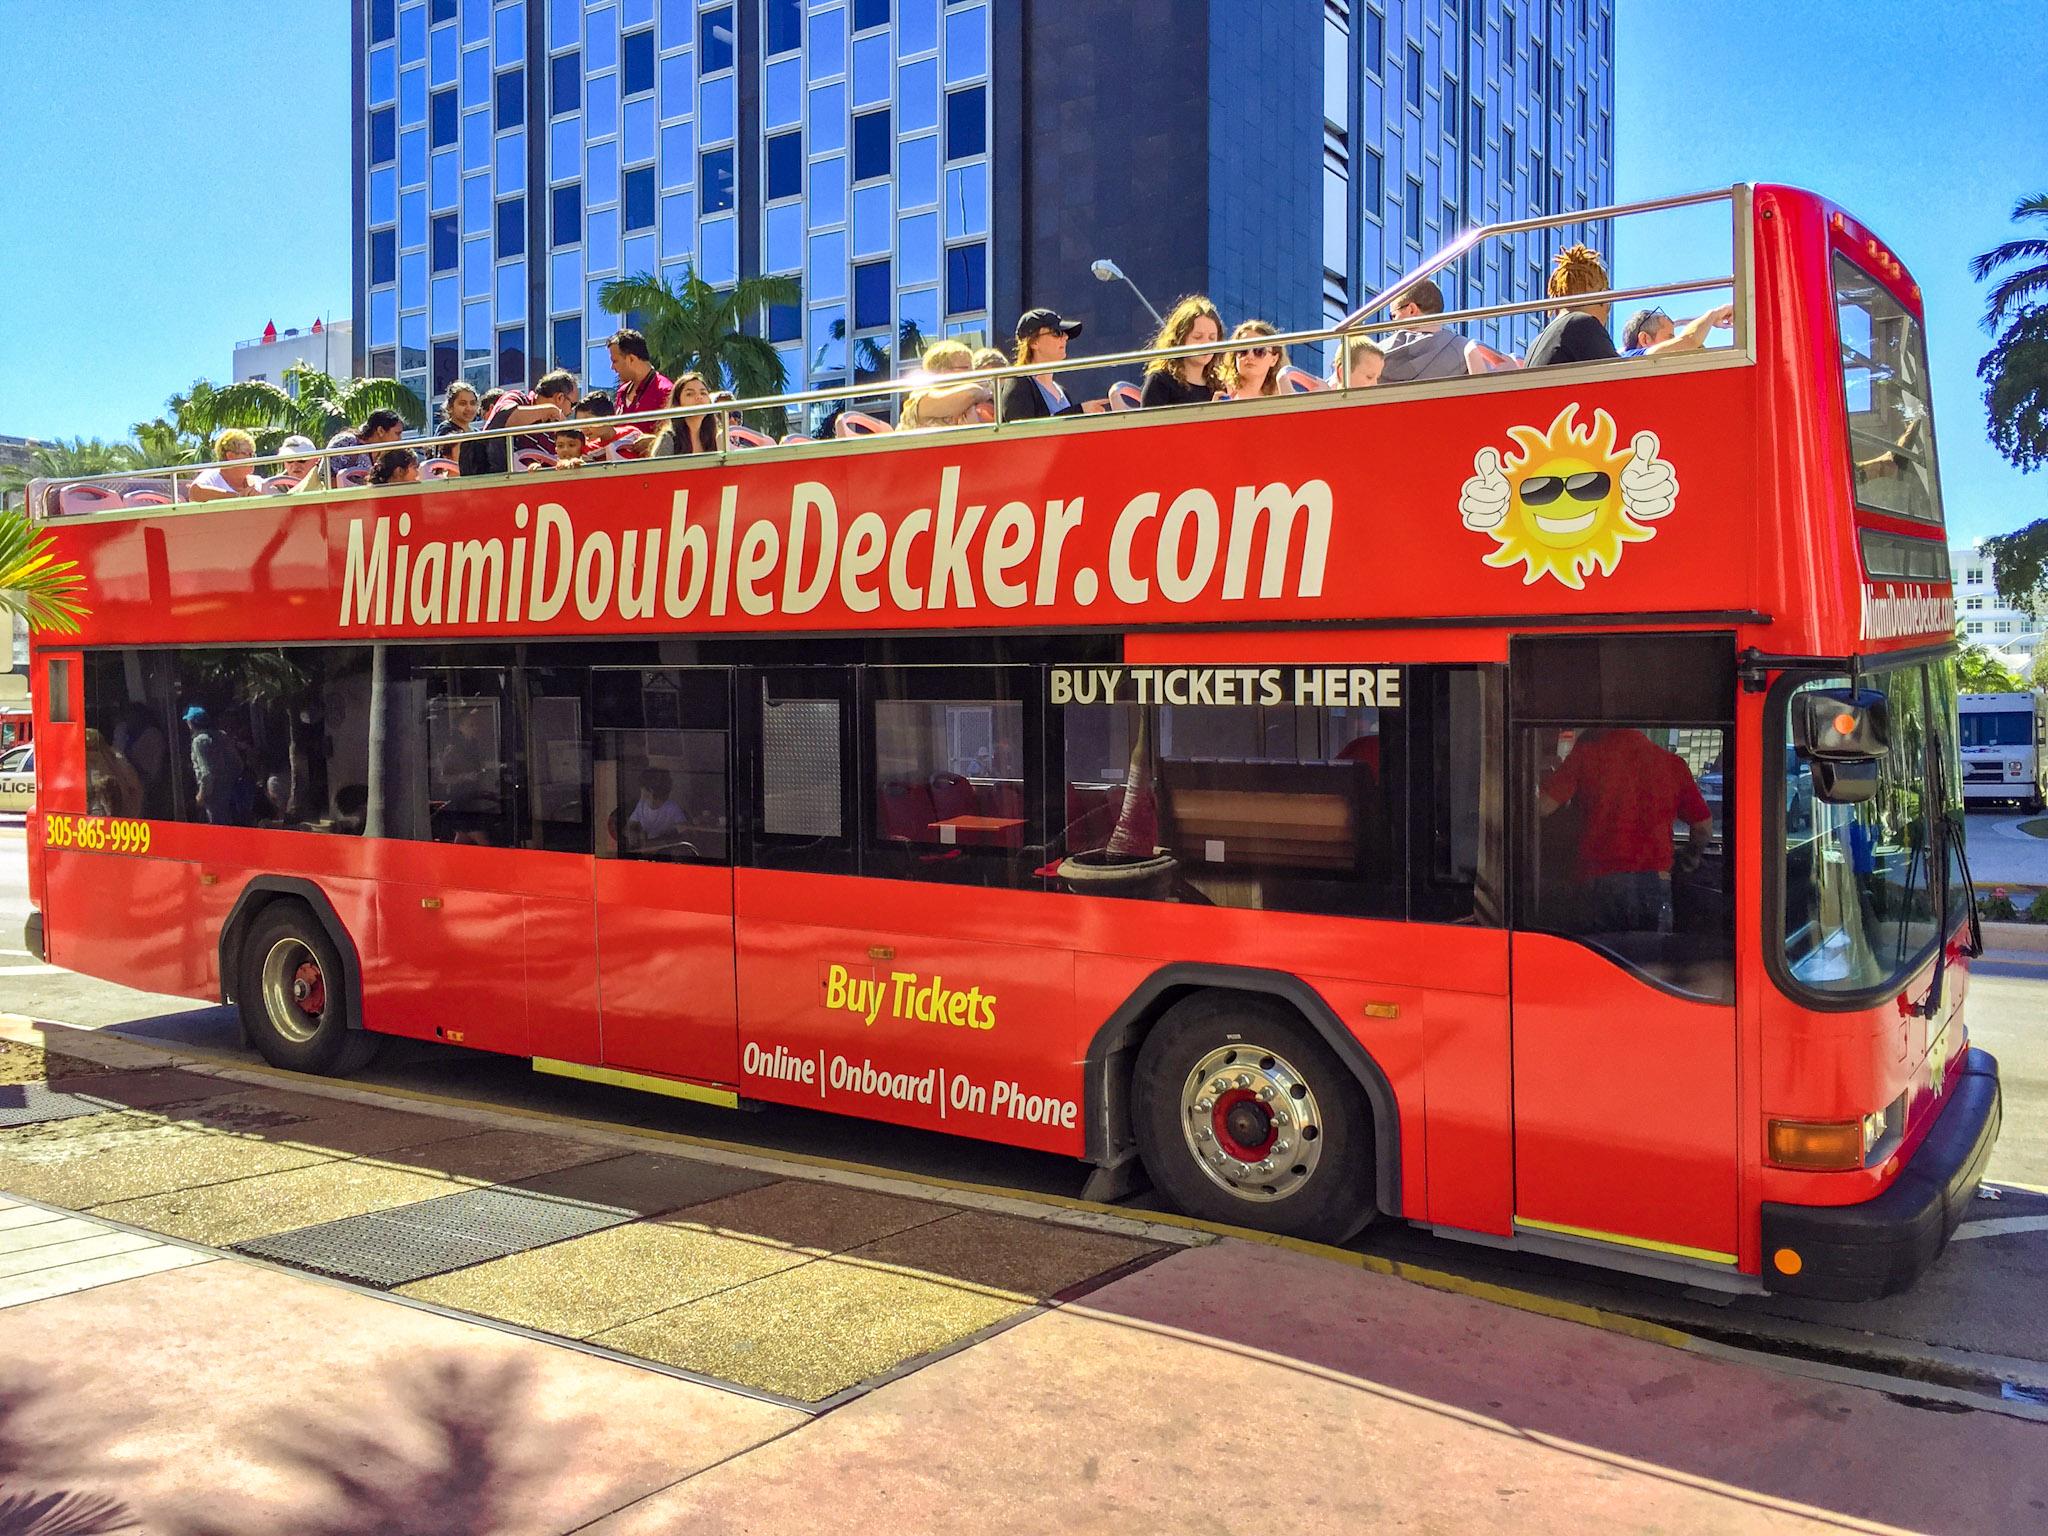 miami-double-decker-tour-bus-tour-of-miami.jpg